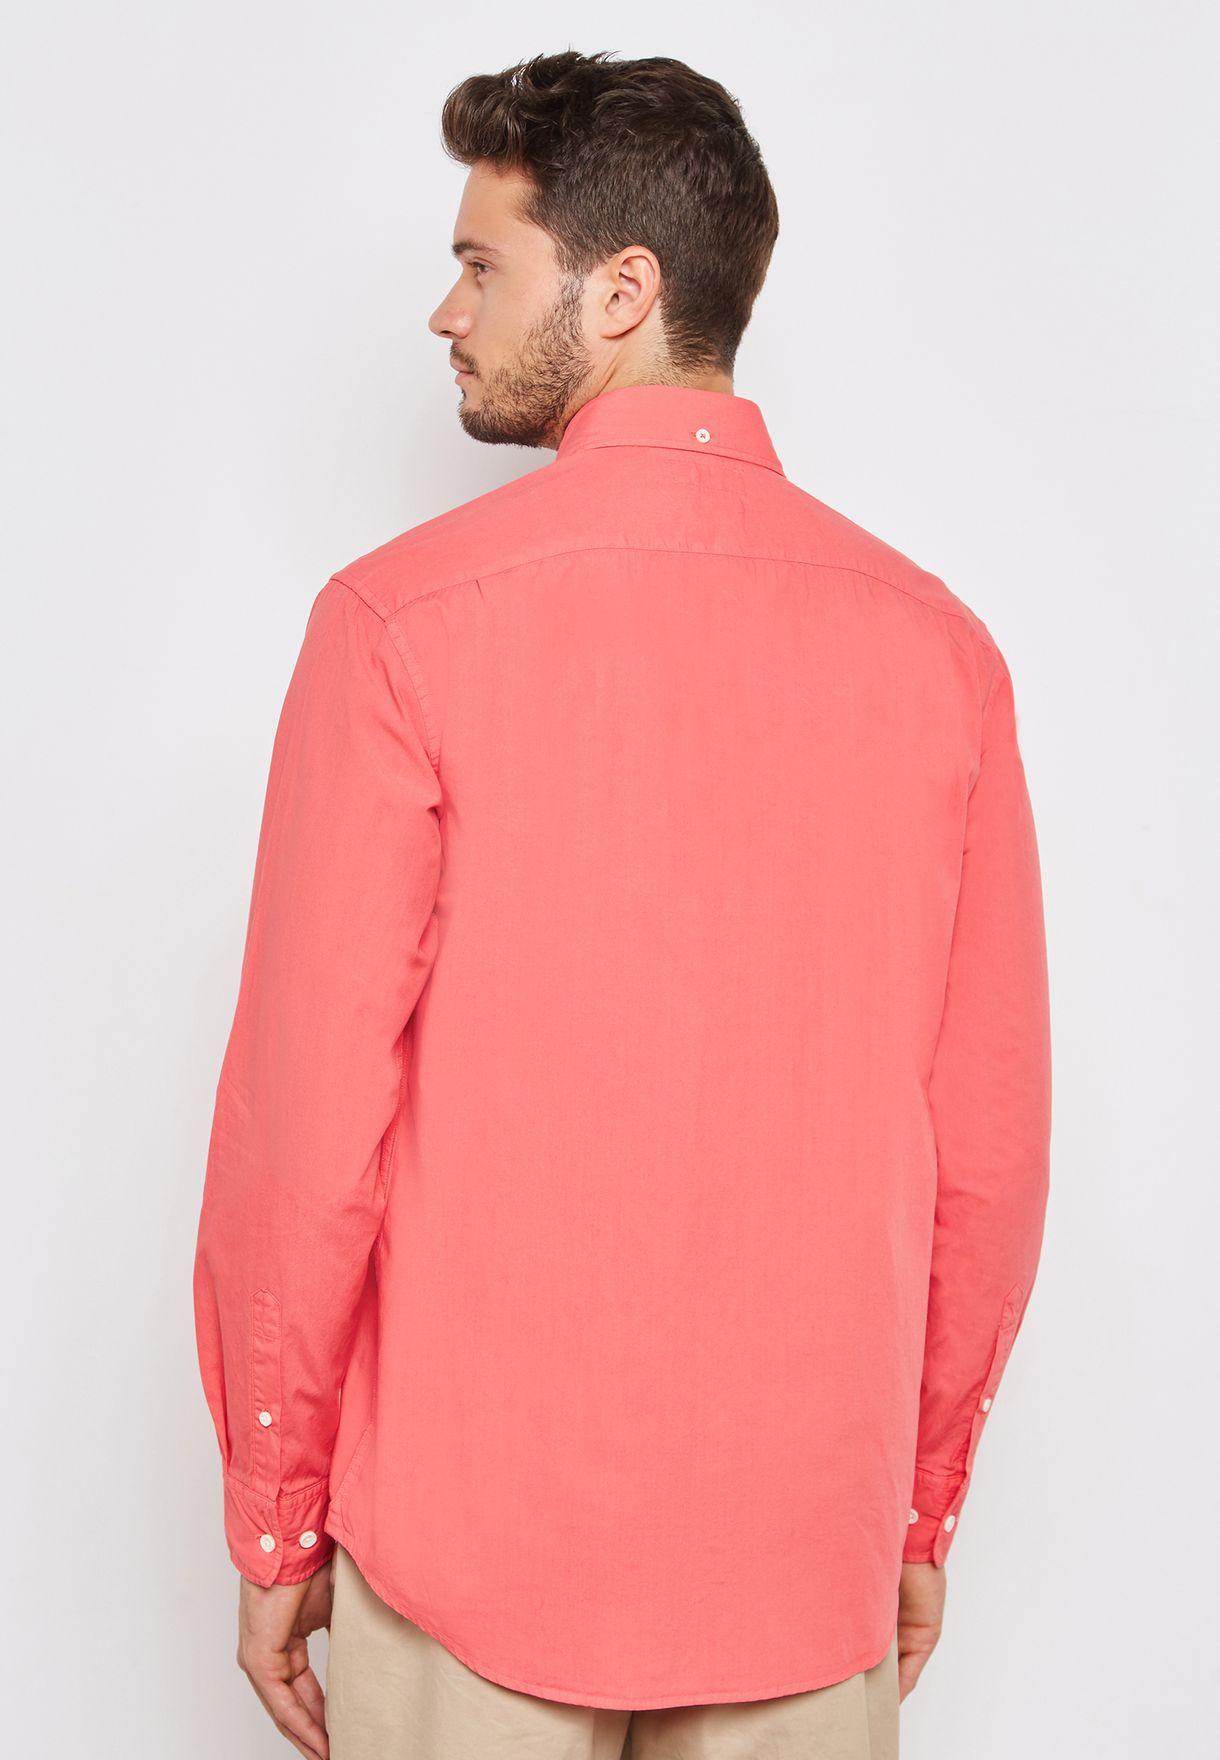 قميص بأزرار امامية